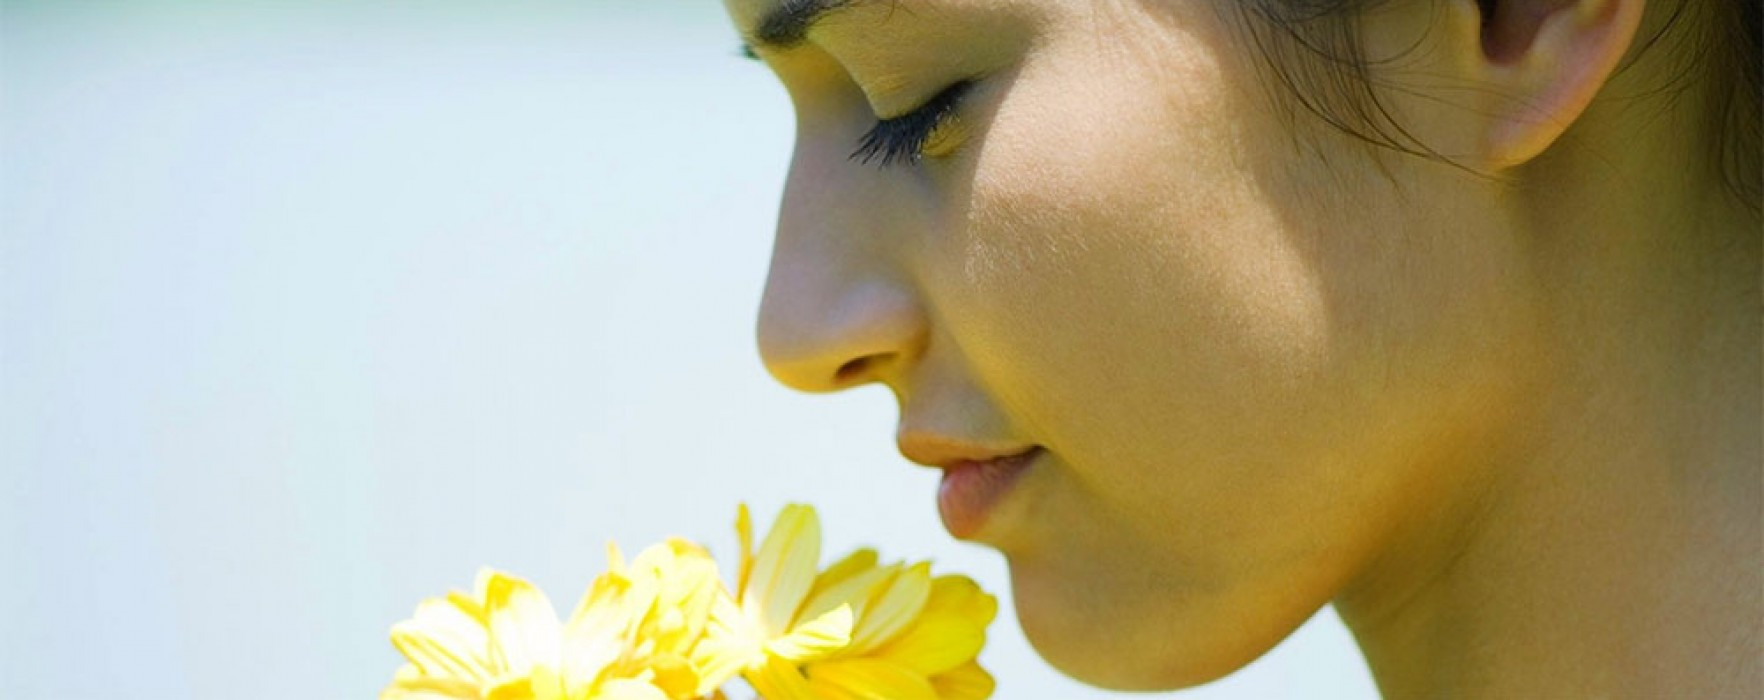 Ce înseamnă când simţi mirosuri care nu există